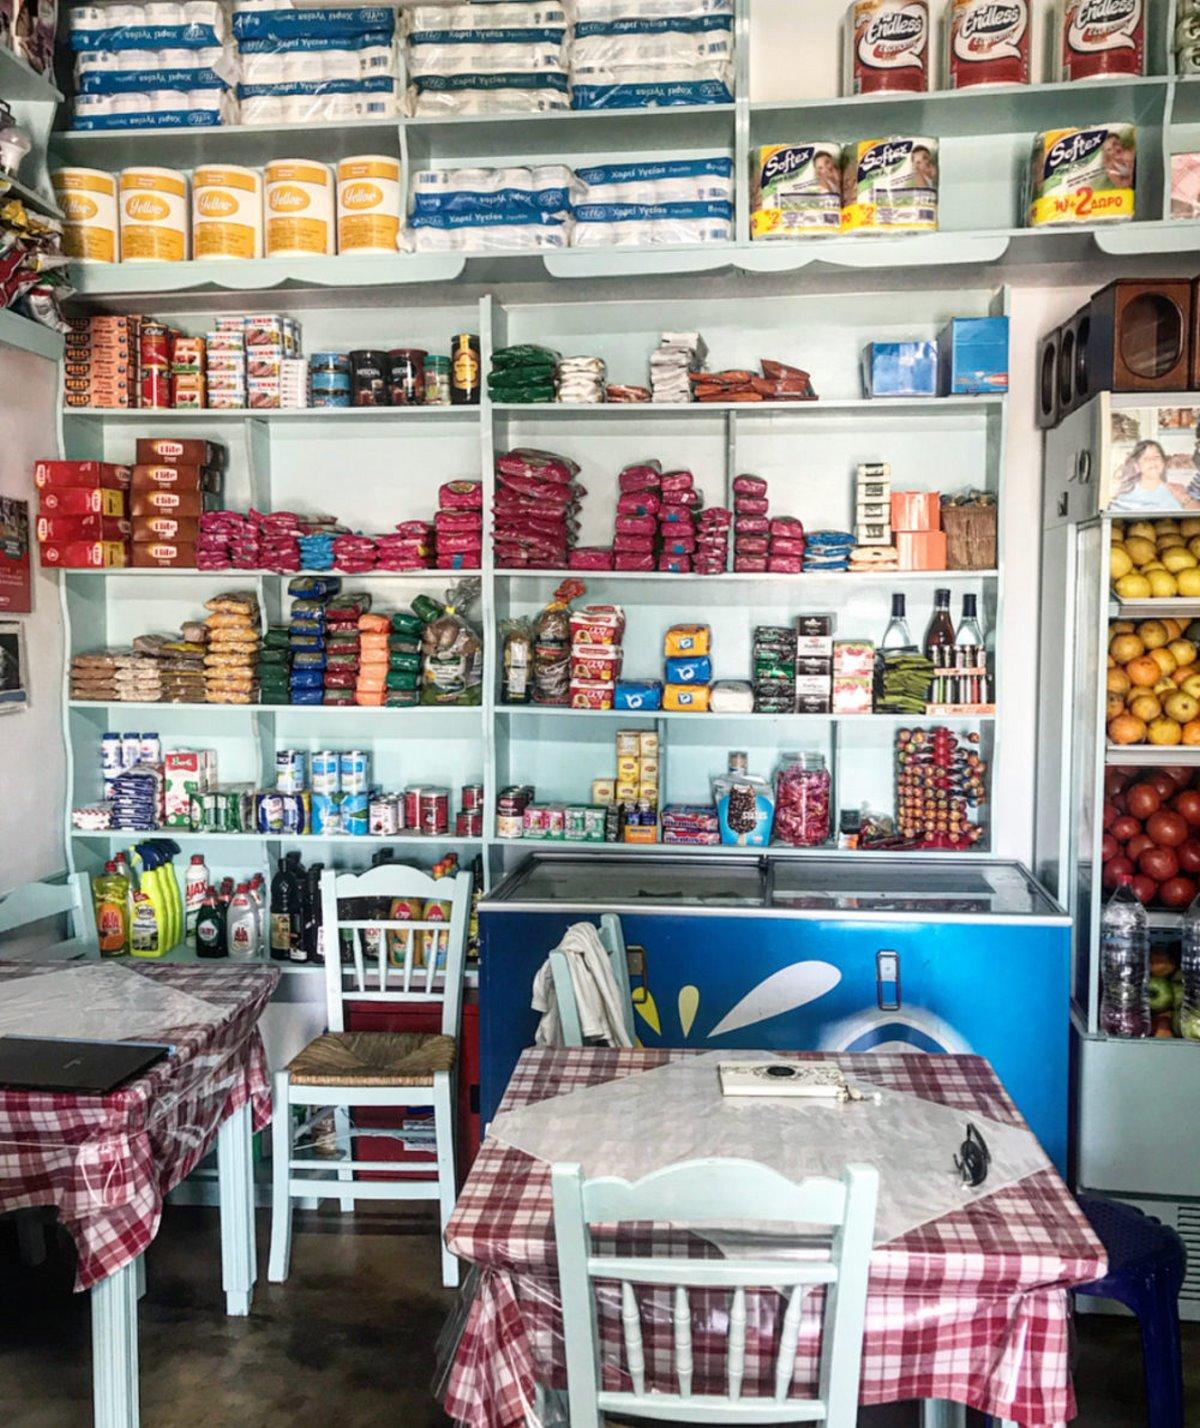 παραδοσιακή καφενείο της Ειρήνης στη Φολέγανδρο